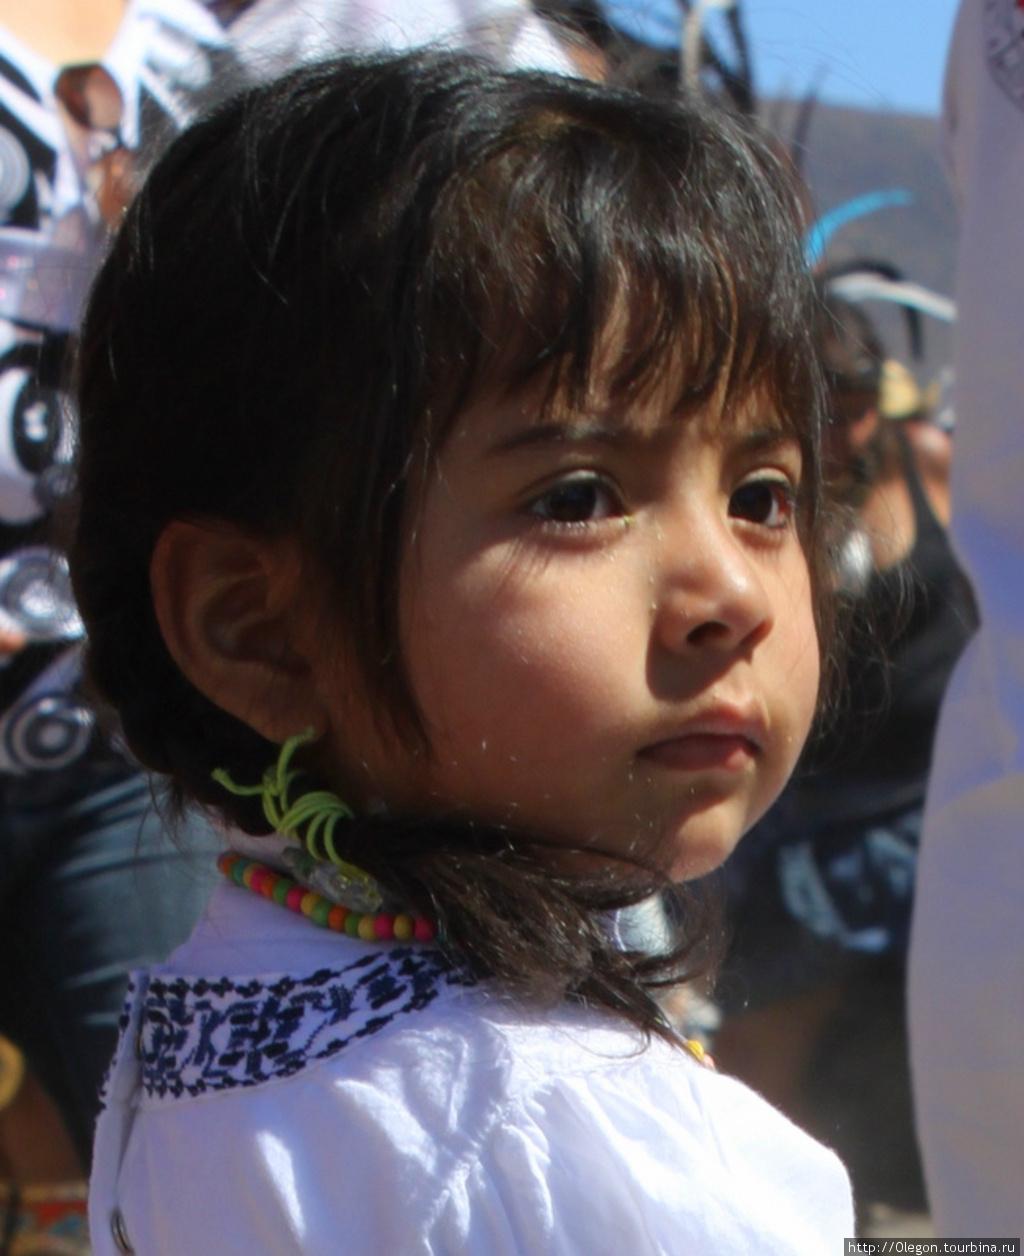 Юные мексиканочки фото 2 фотография